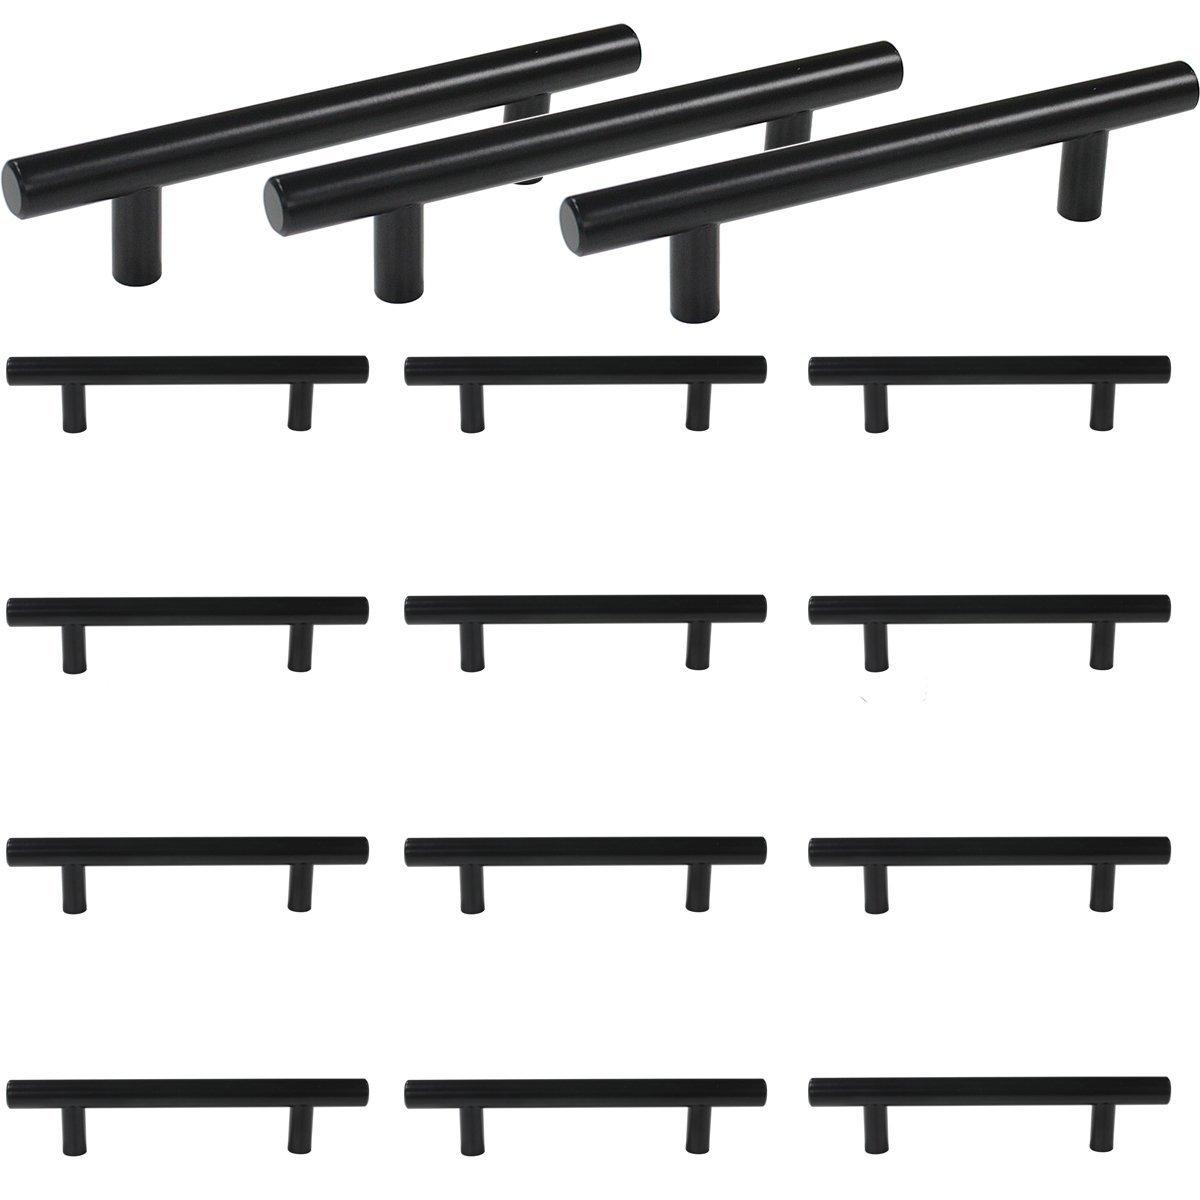 Margueras Tirador negro en forma de T para cocinas, armarios, puertas, cajones, dormitorios, muebles, de acero inoxidable, distancia entre orificios de 96 mm, 20 unidades